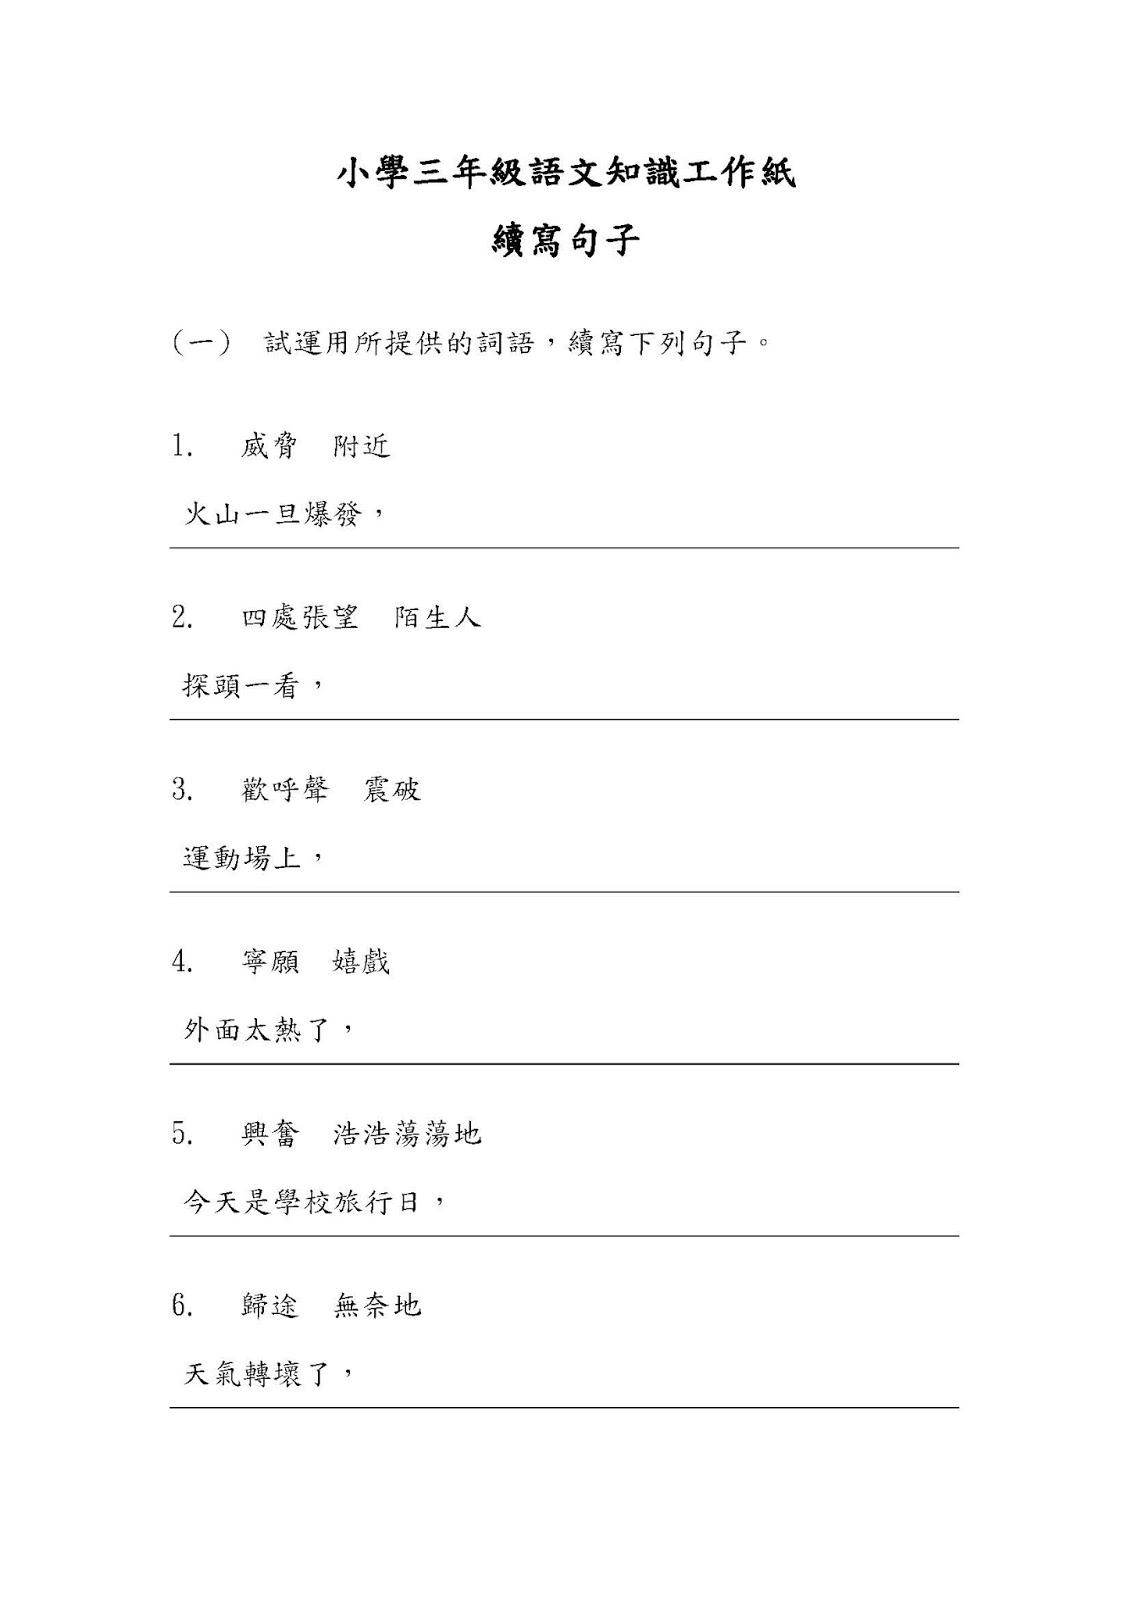 小三語文知識工作紙:續寫句子|中文工作紙|尤莉姐姐的反轉學堂